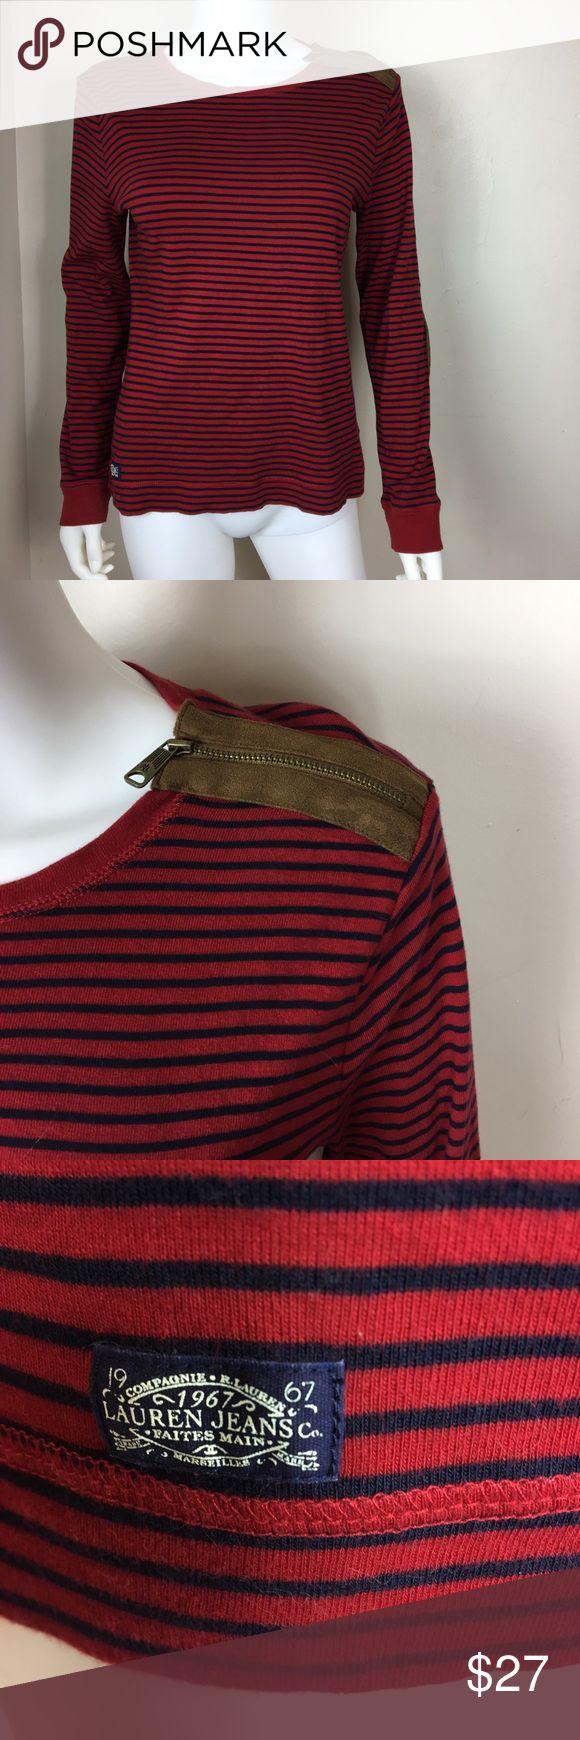 Ralph Lauren Jeans stripe Women Top Ralph Lauren Jeans stripe Women Top Size L color is red navy and brown with shoulder zip and brown elbow patch Ralph Lauren Tops Tees - Long Sleeve